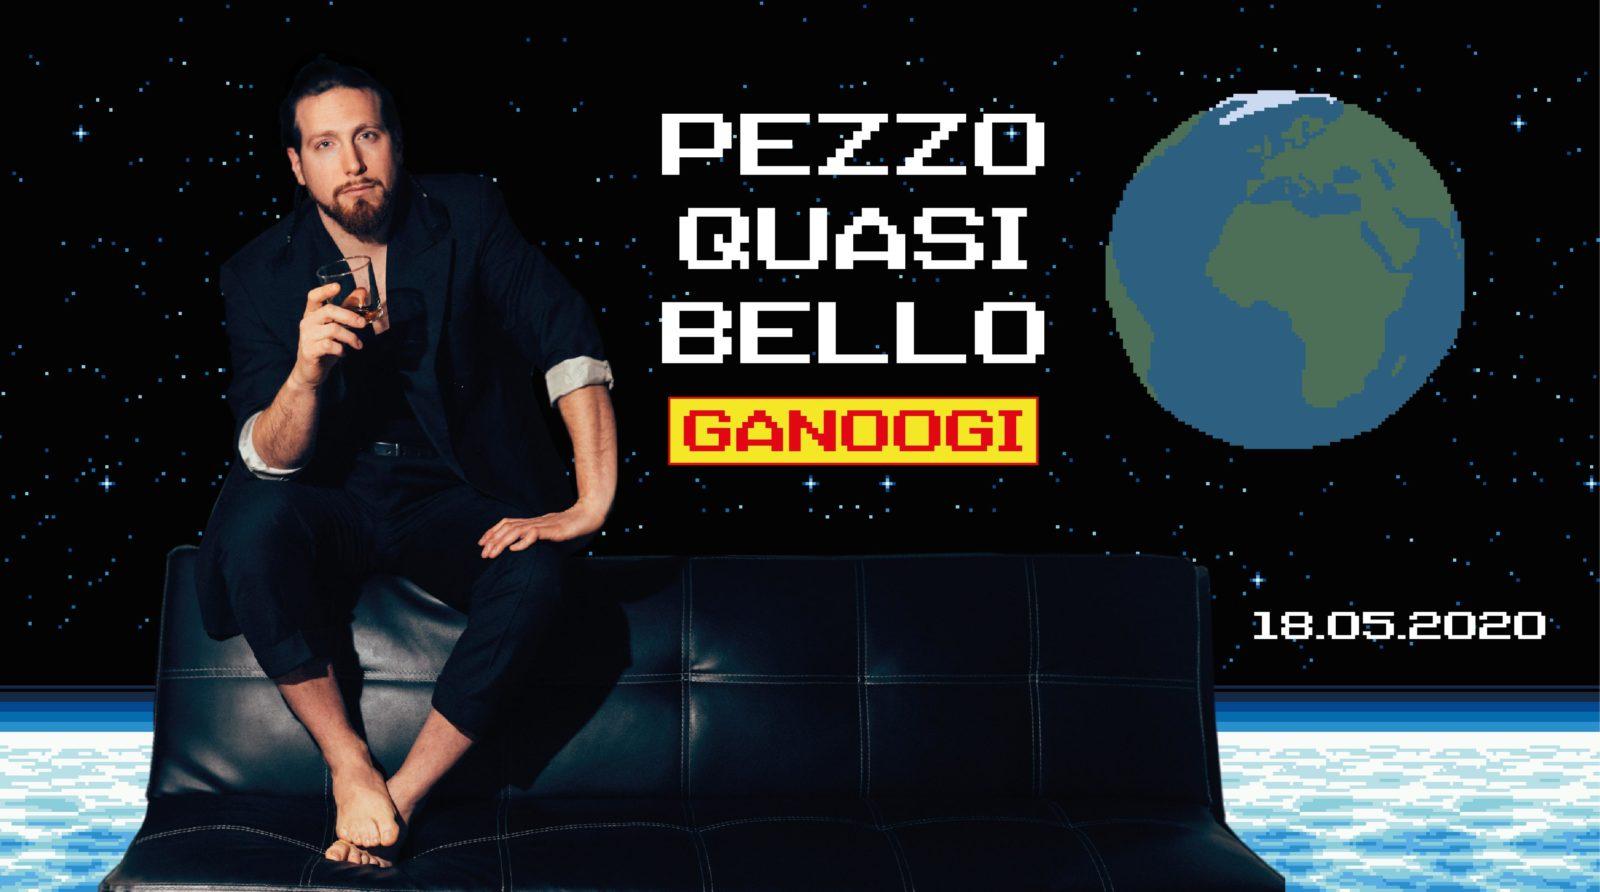 ganoogi spazio 2